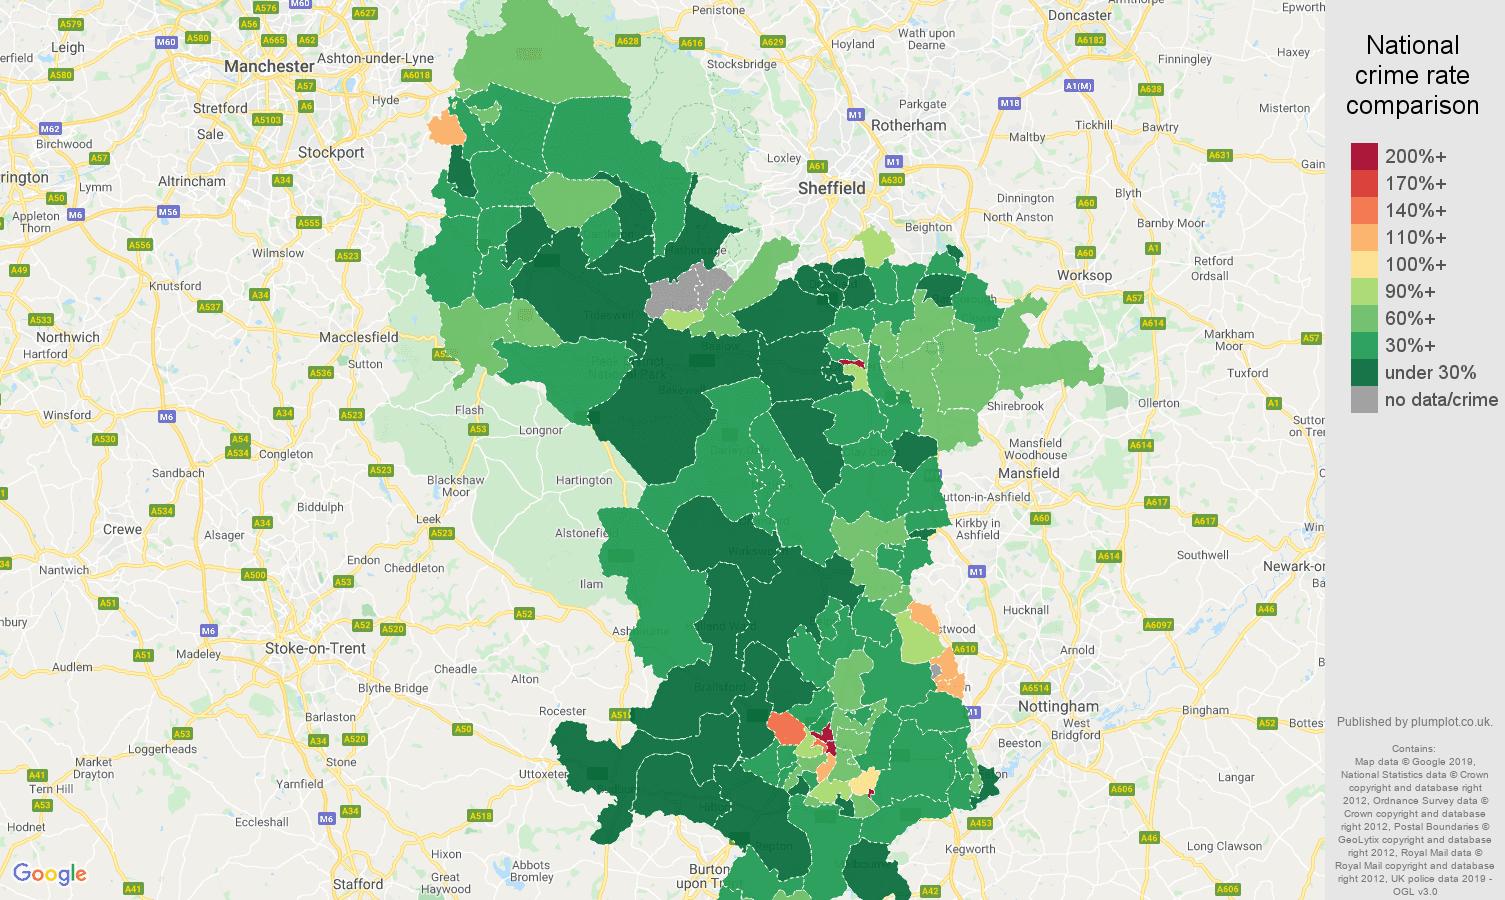 Derbyshire public order crime rate comparison map